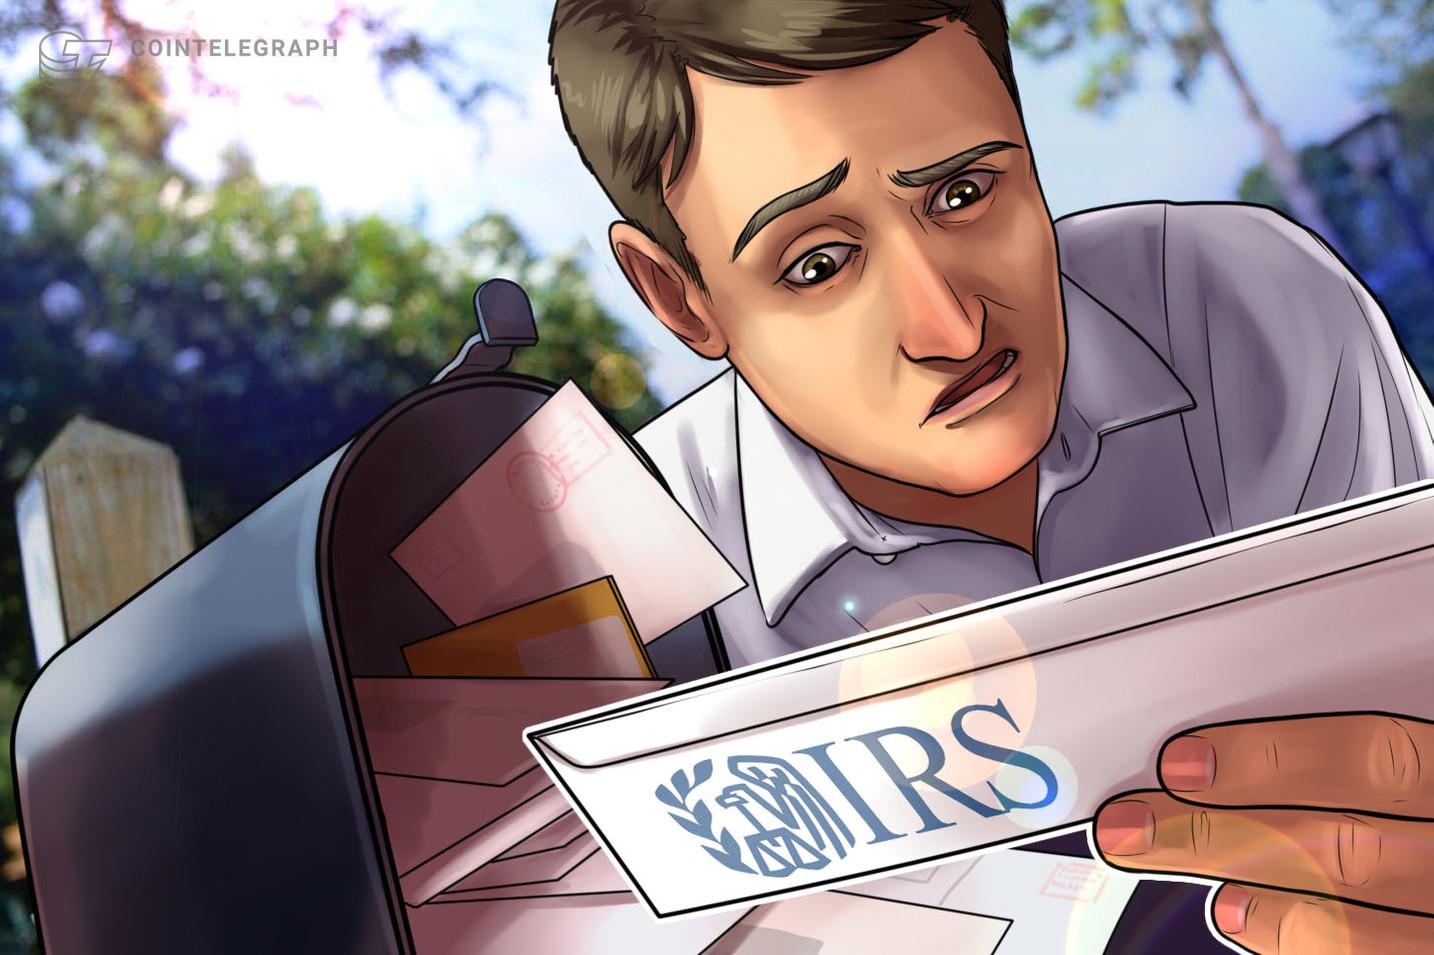 Los inversores en criptomonedas deberían saber que el IRS está retrasando los pagos de impuestos